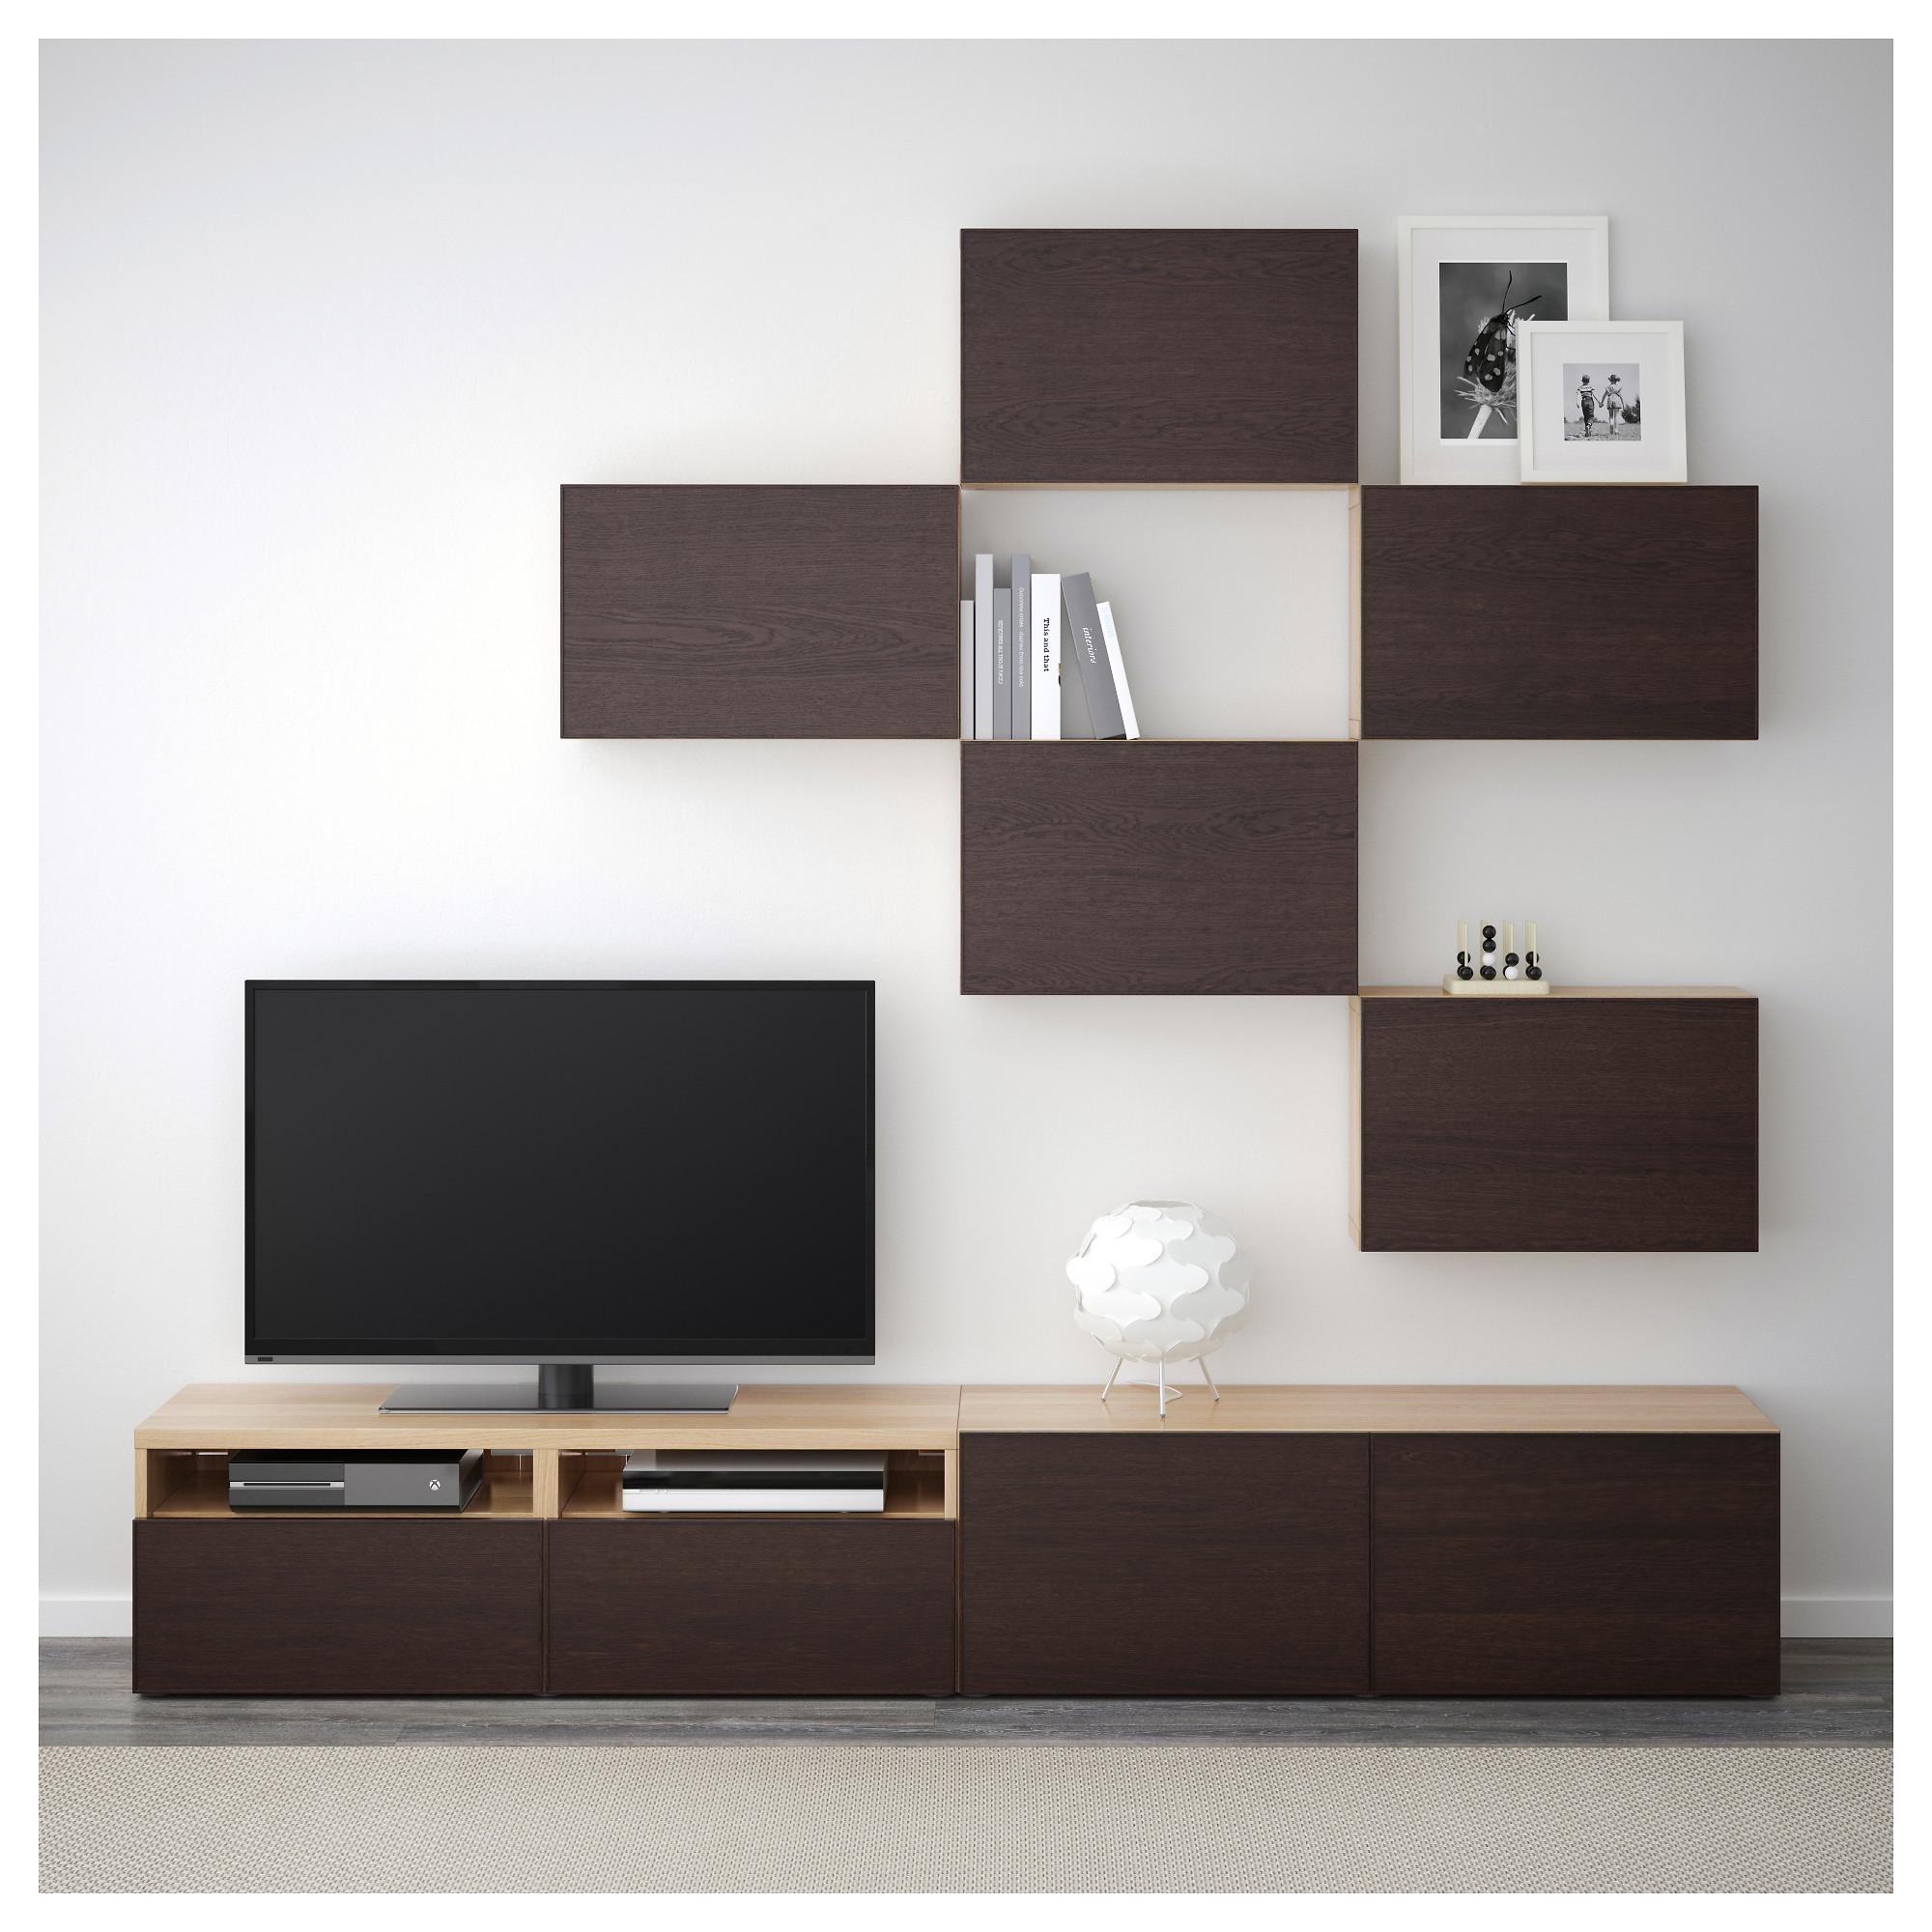 Шкаф для ТВ, комбинация БЕСТО черно-коричневый артикуль № 692.514.30 в наличии. Интернет магазин IKEA РБ. Быстрая доставка и установка.